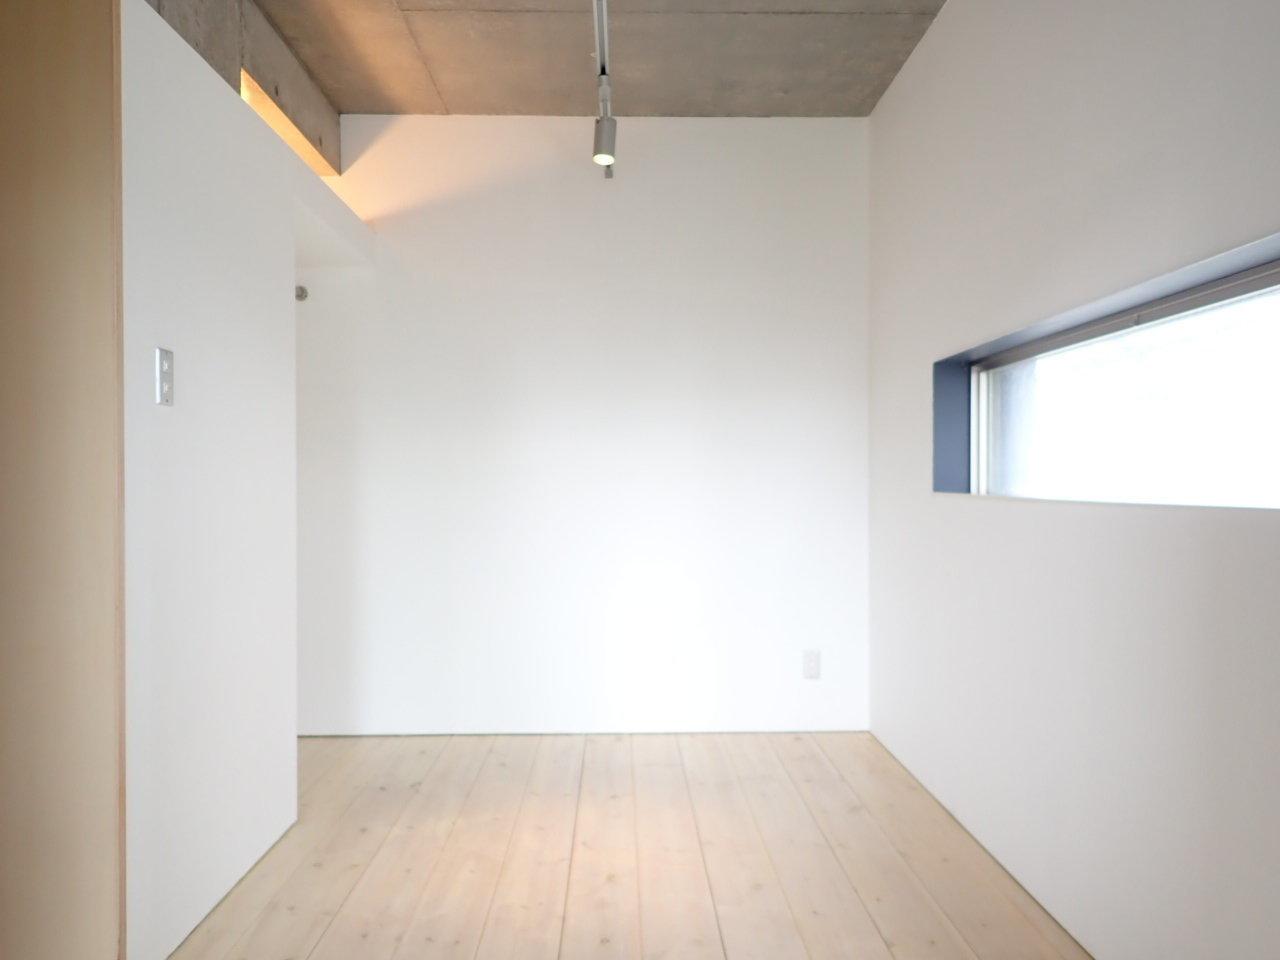 室内はこんな感じ。バルコニーへつながる大きな窓もありますが、もう1つ、細長い窓もついています。コンクリート打ちっ放しの感じと、床面の木の感じと。様々な素材があって、面白い。